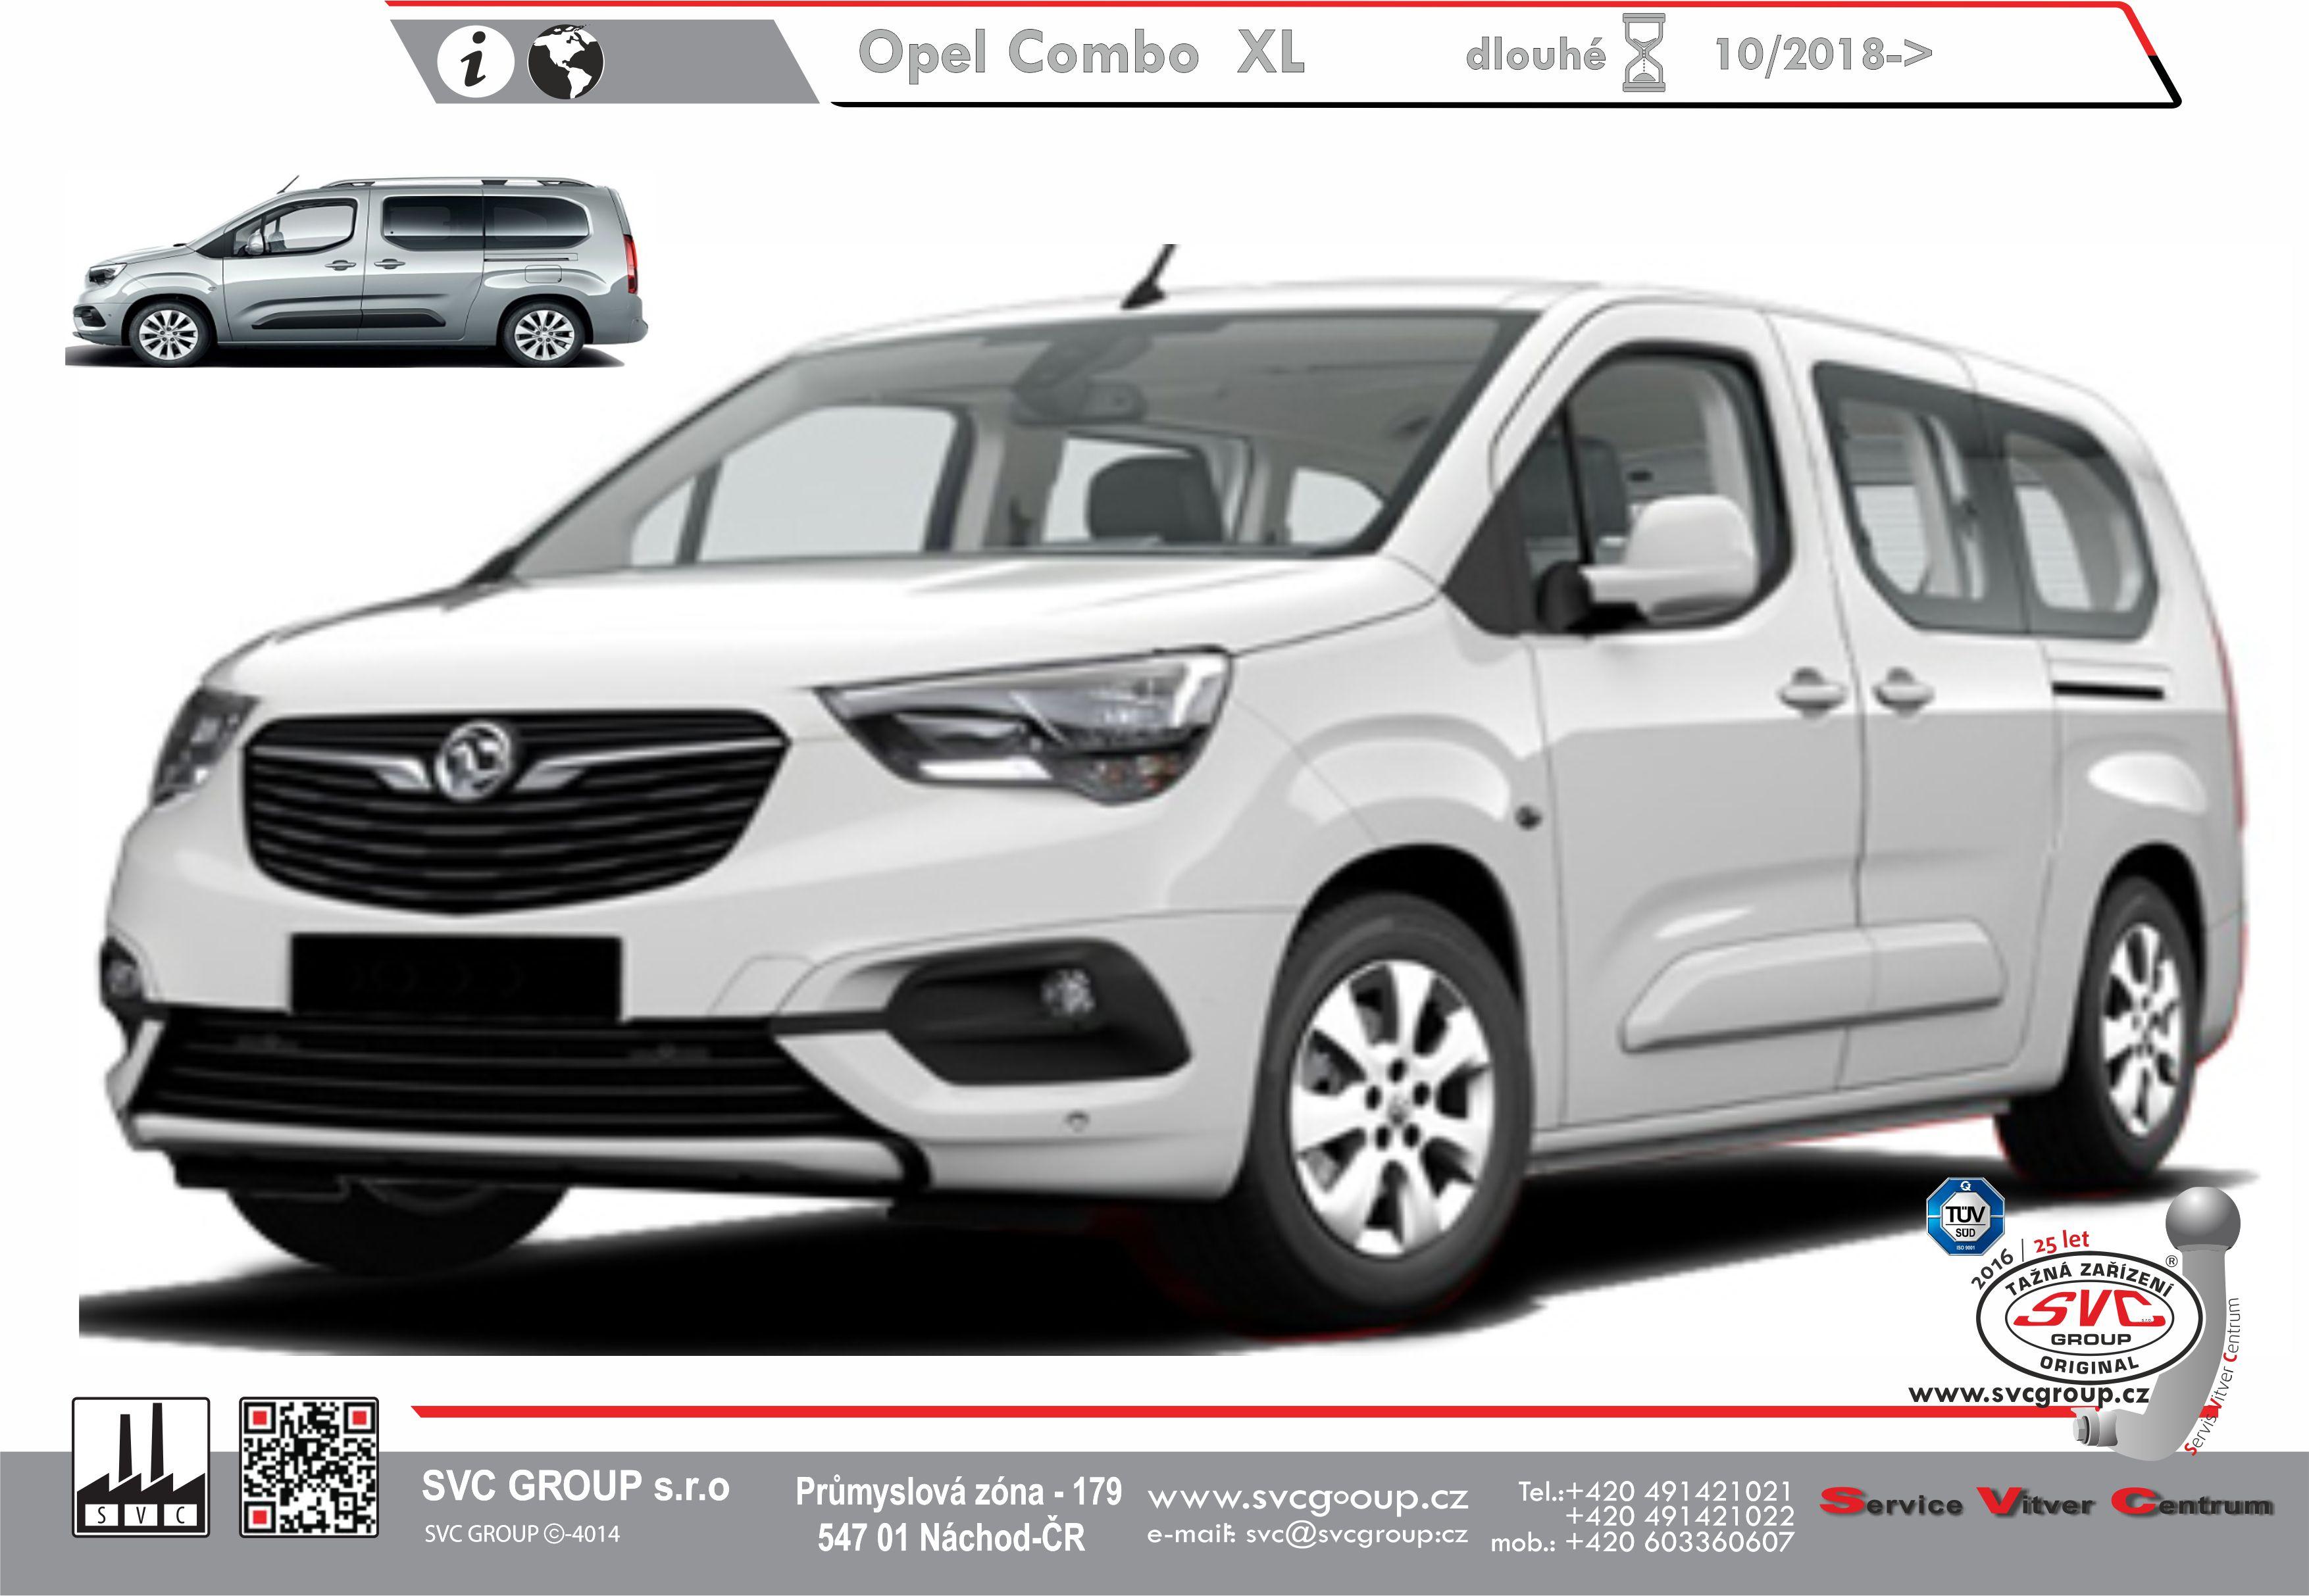 Opel Combo L2 Prodloužené